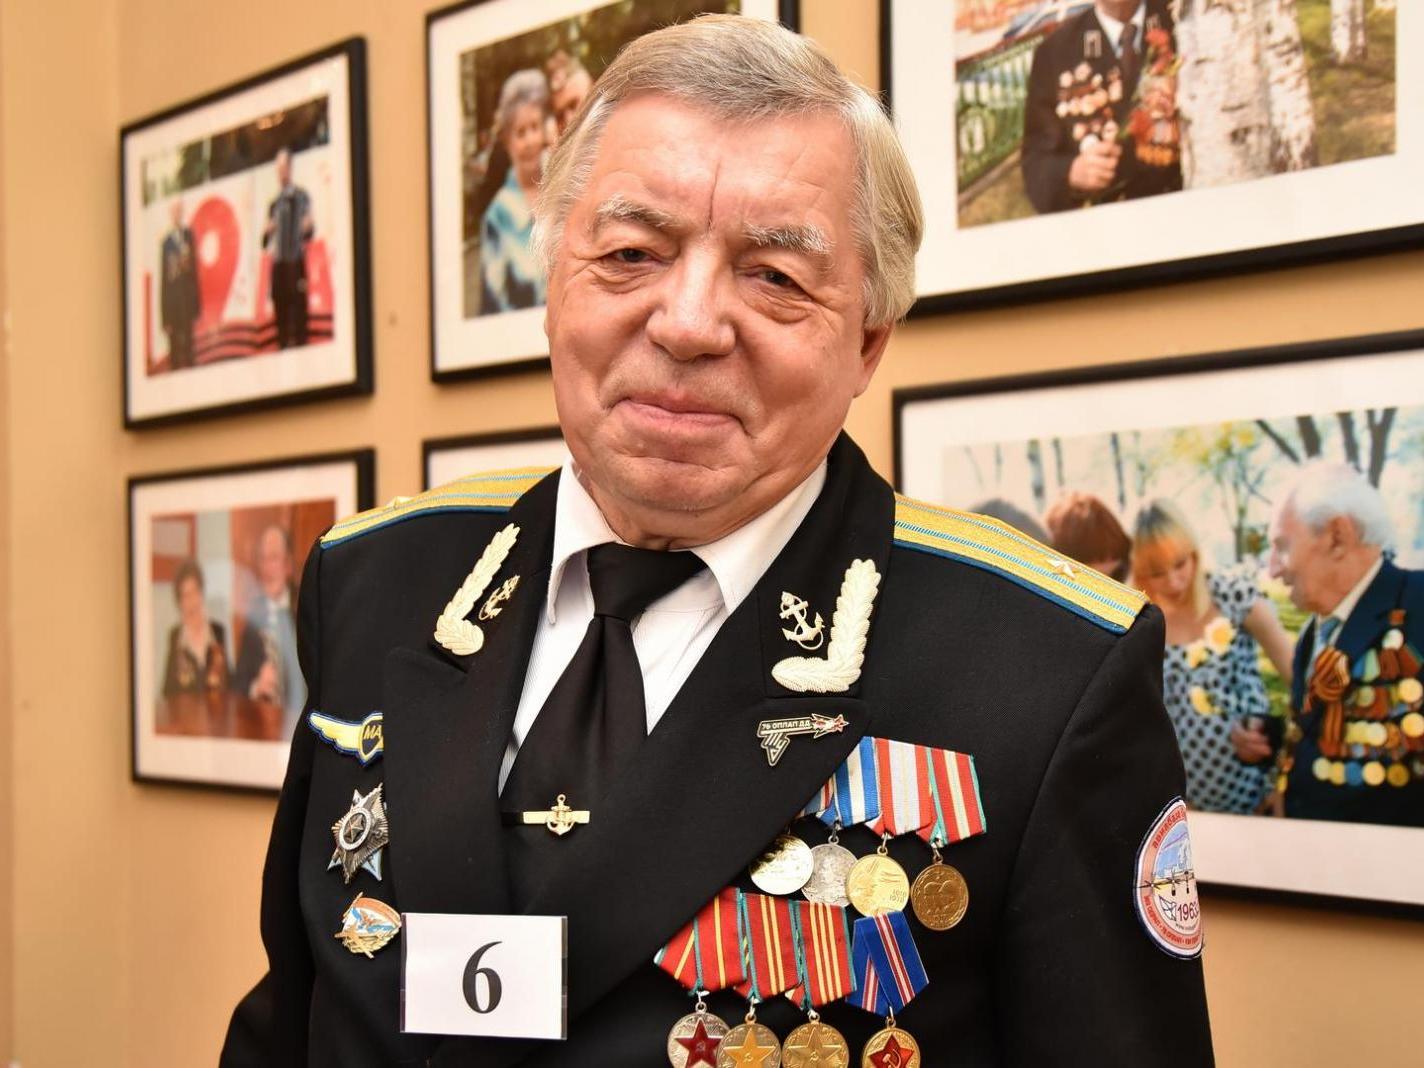 Майор морской авиации одержал победу в конкурсе «Пенсионер года» в Вологде